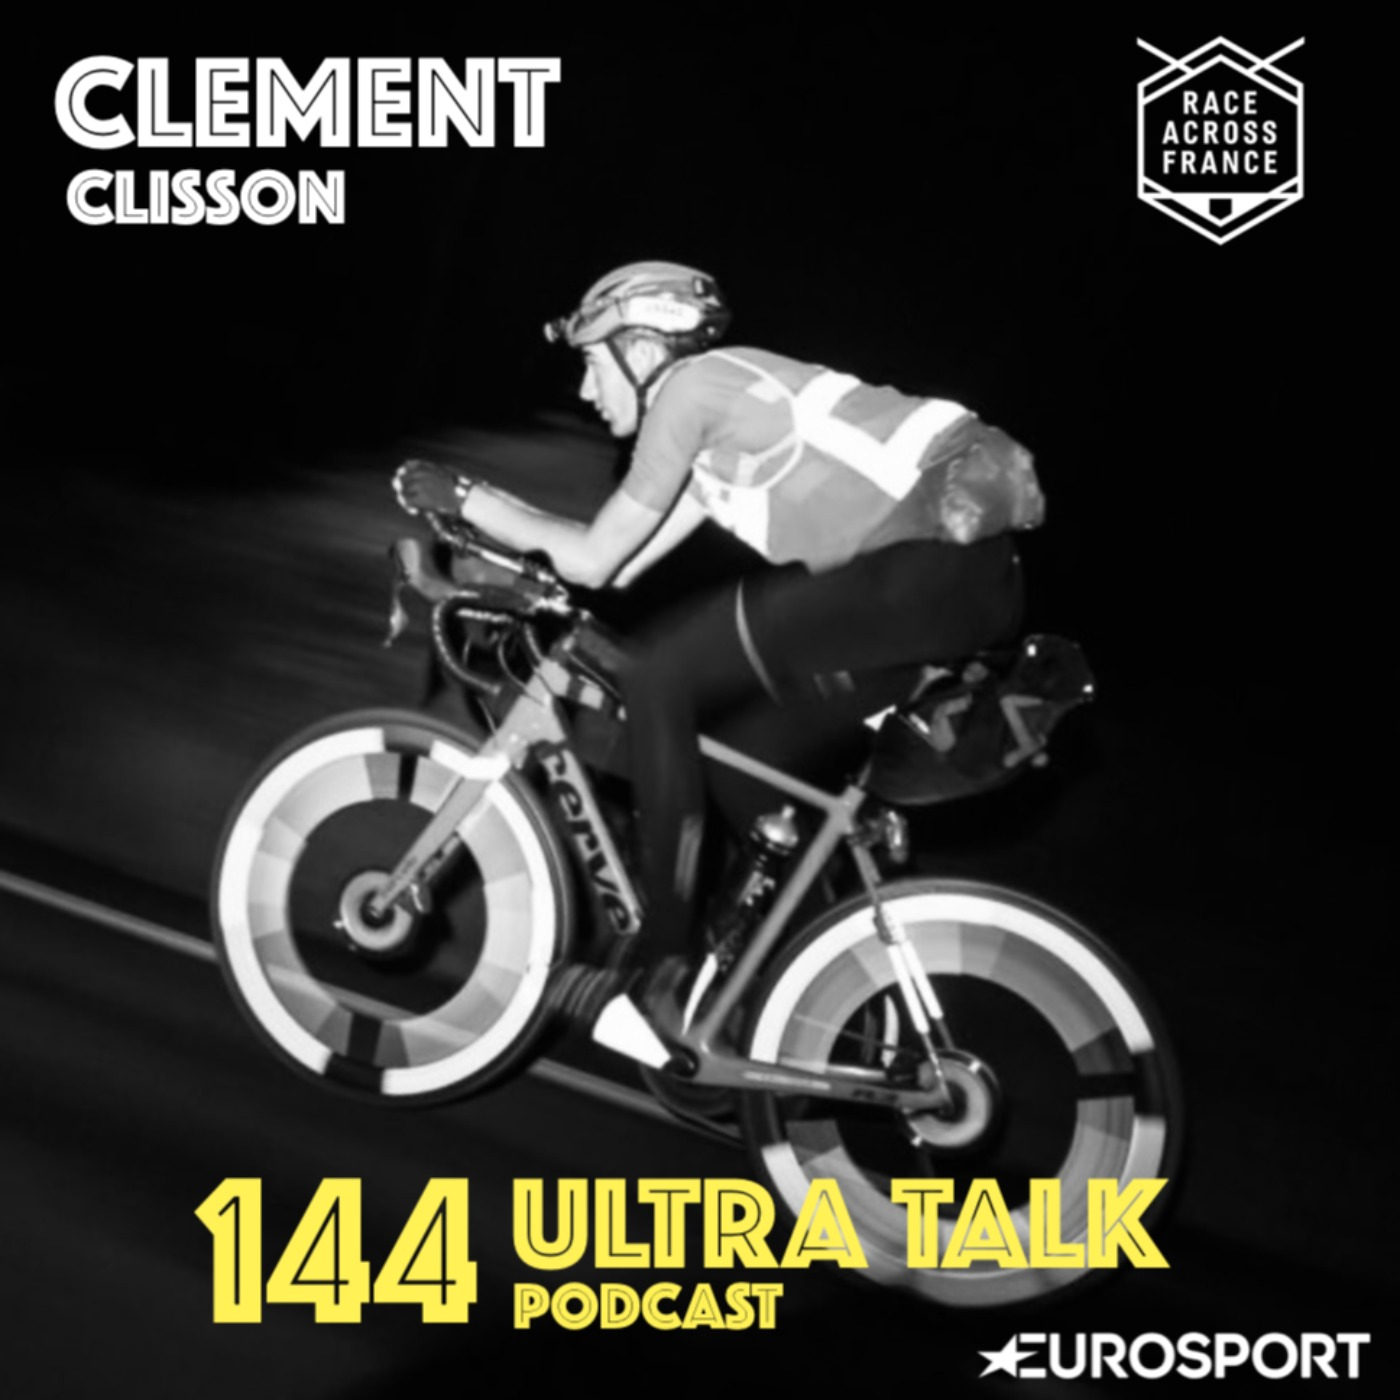 #144 Clément Clisson